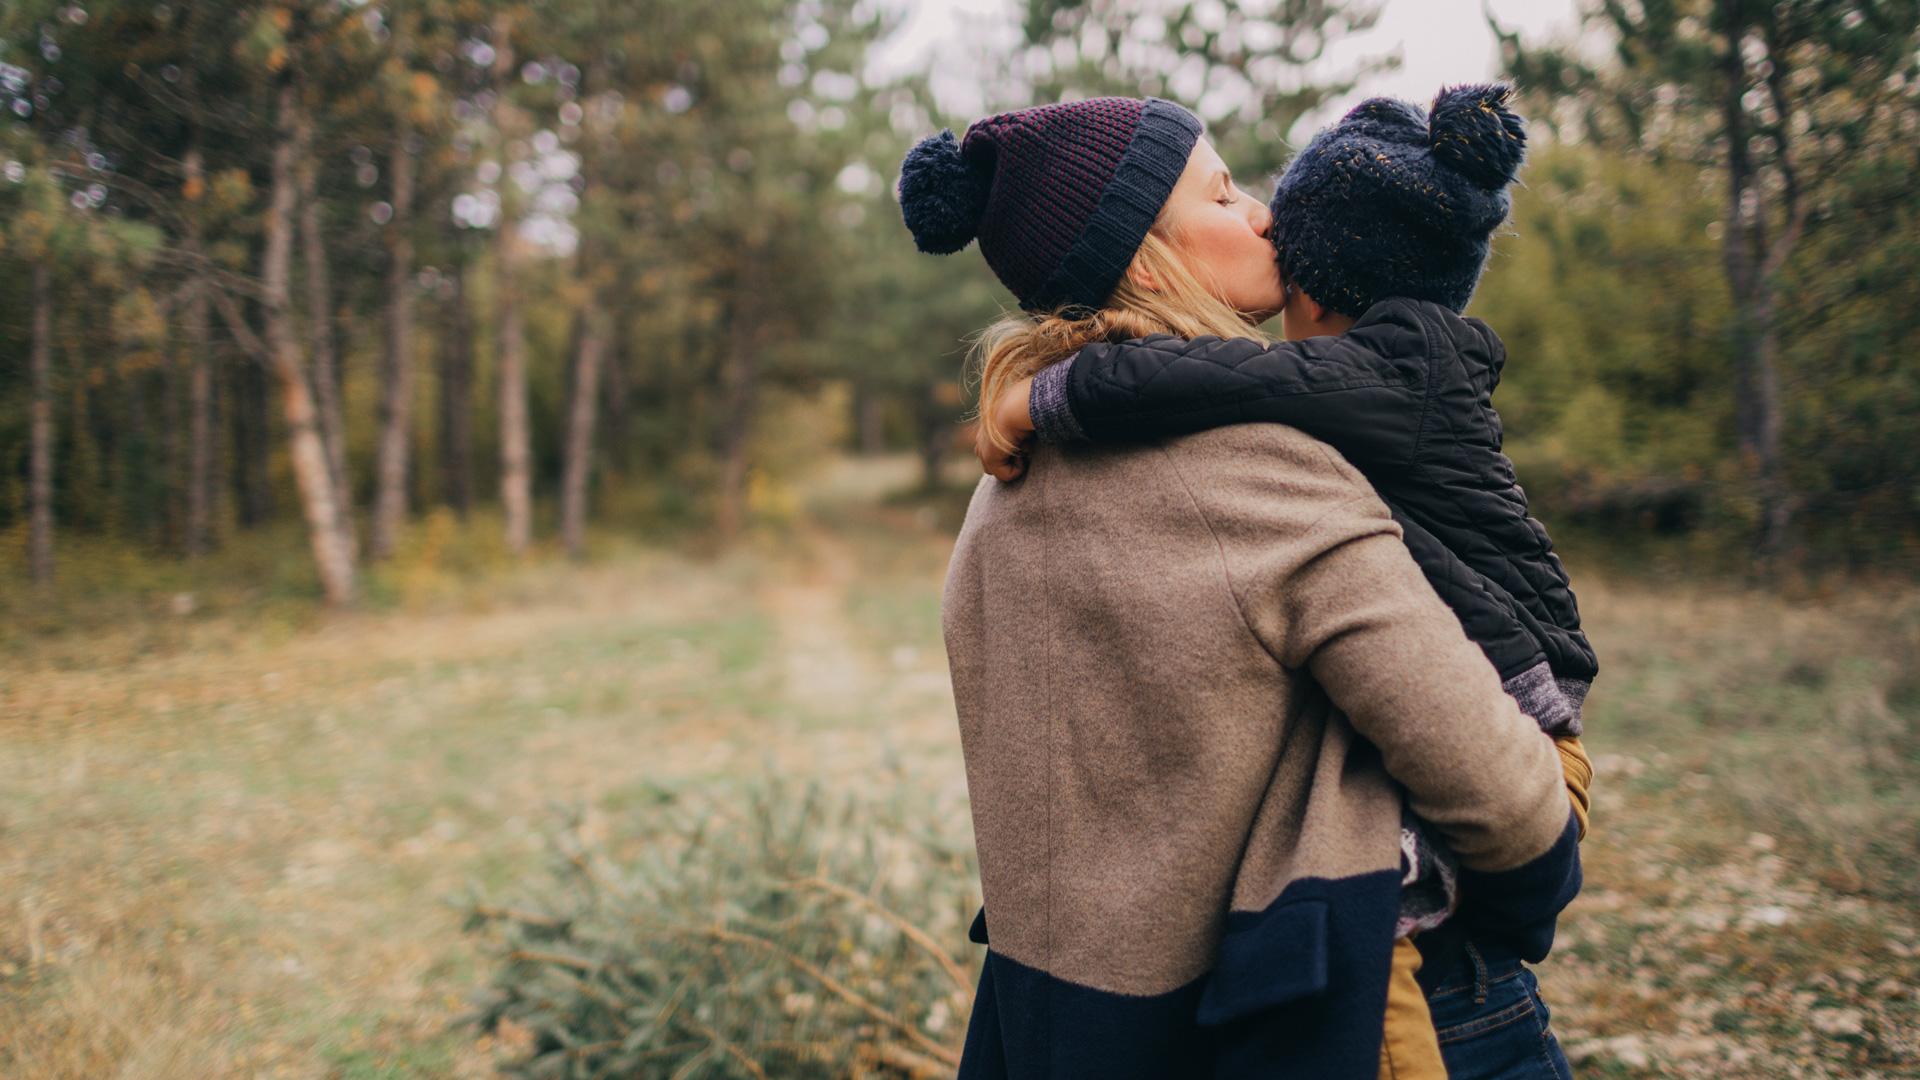 fråga och svar för datingLDS dating kyssar